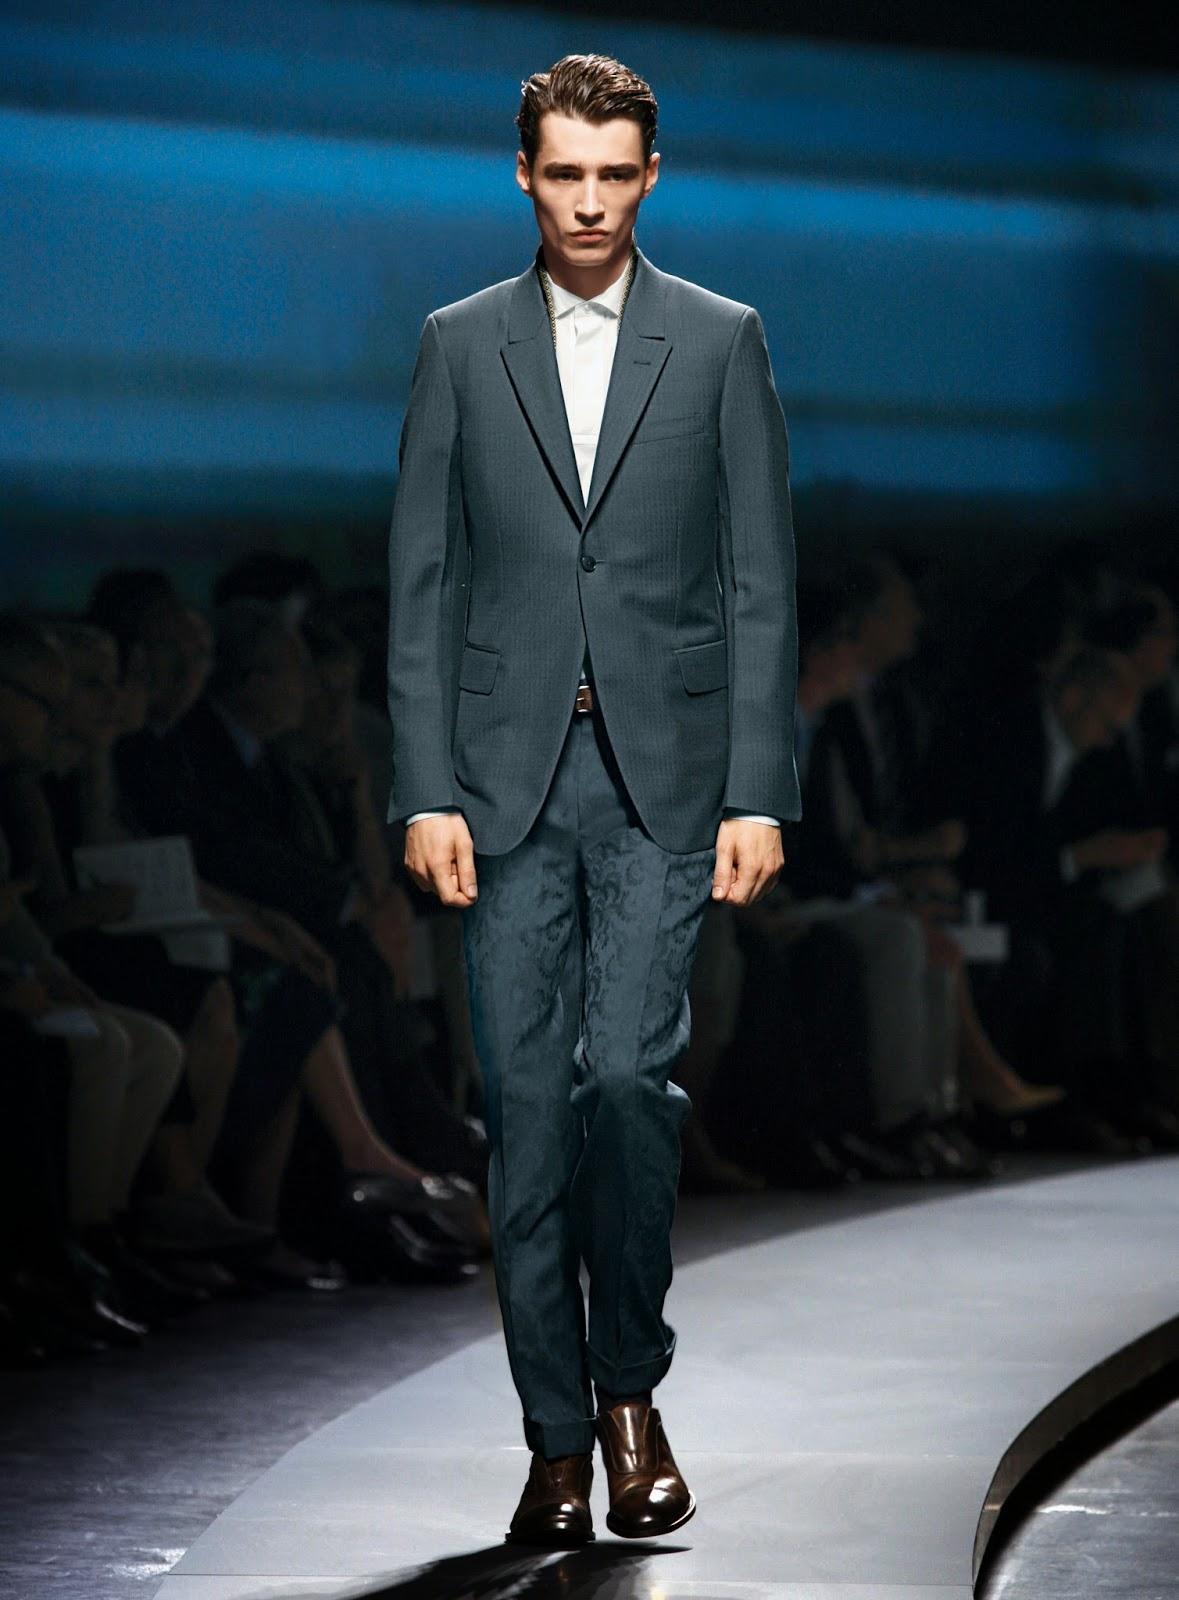 443156127e0a9 Menswear   'The Broken Suit' by Ermenegildo Zegna - Shopping, Style ...